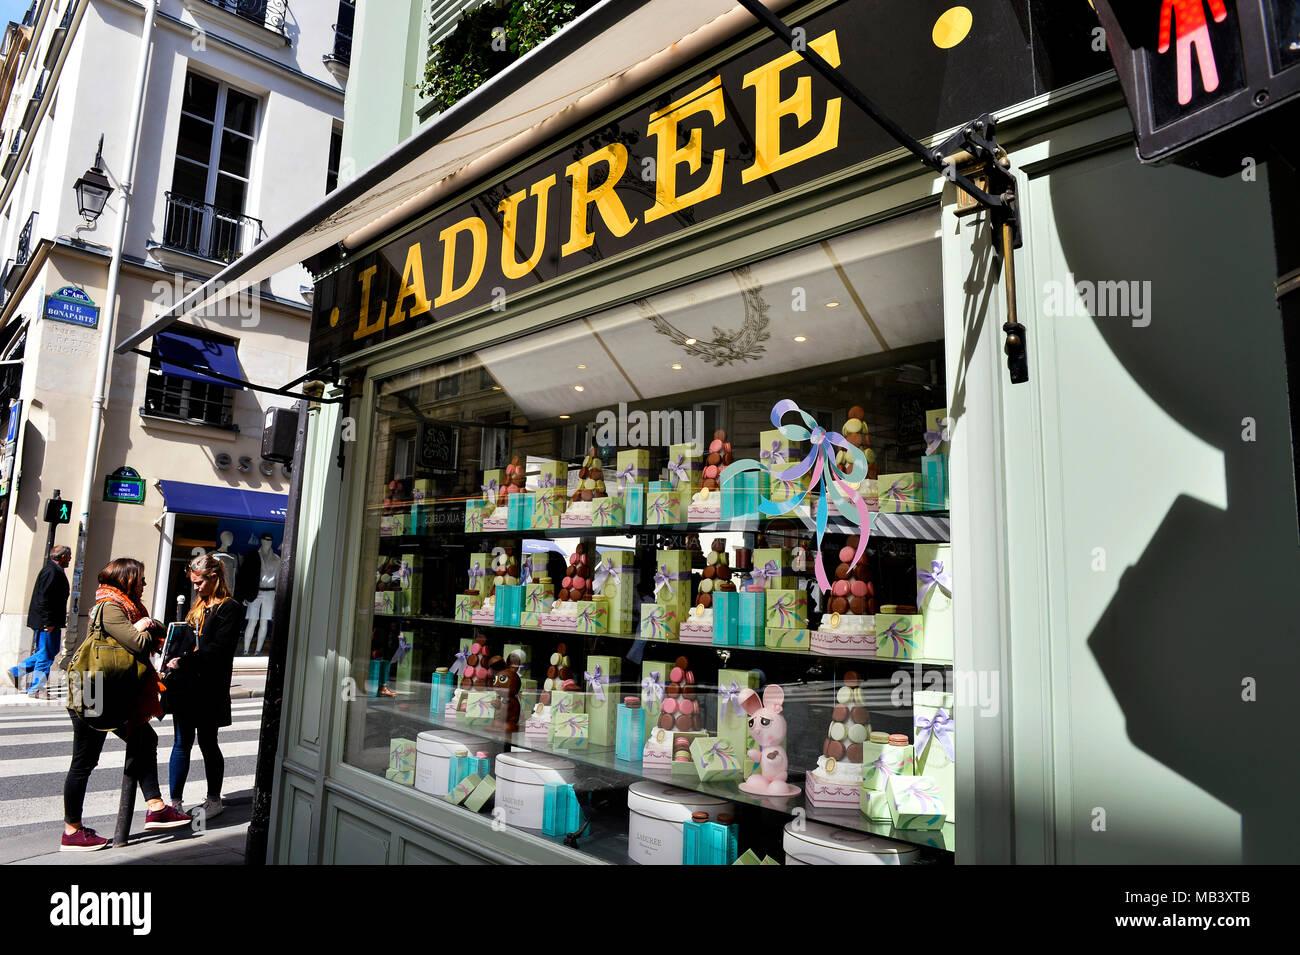 Ladurée pastry shop in Paris - France - Stock Image